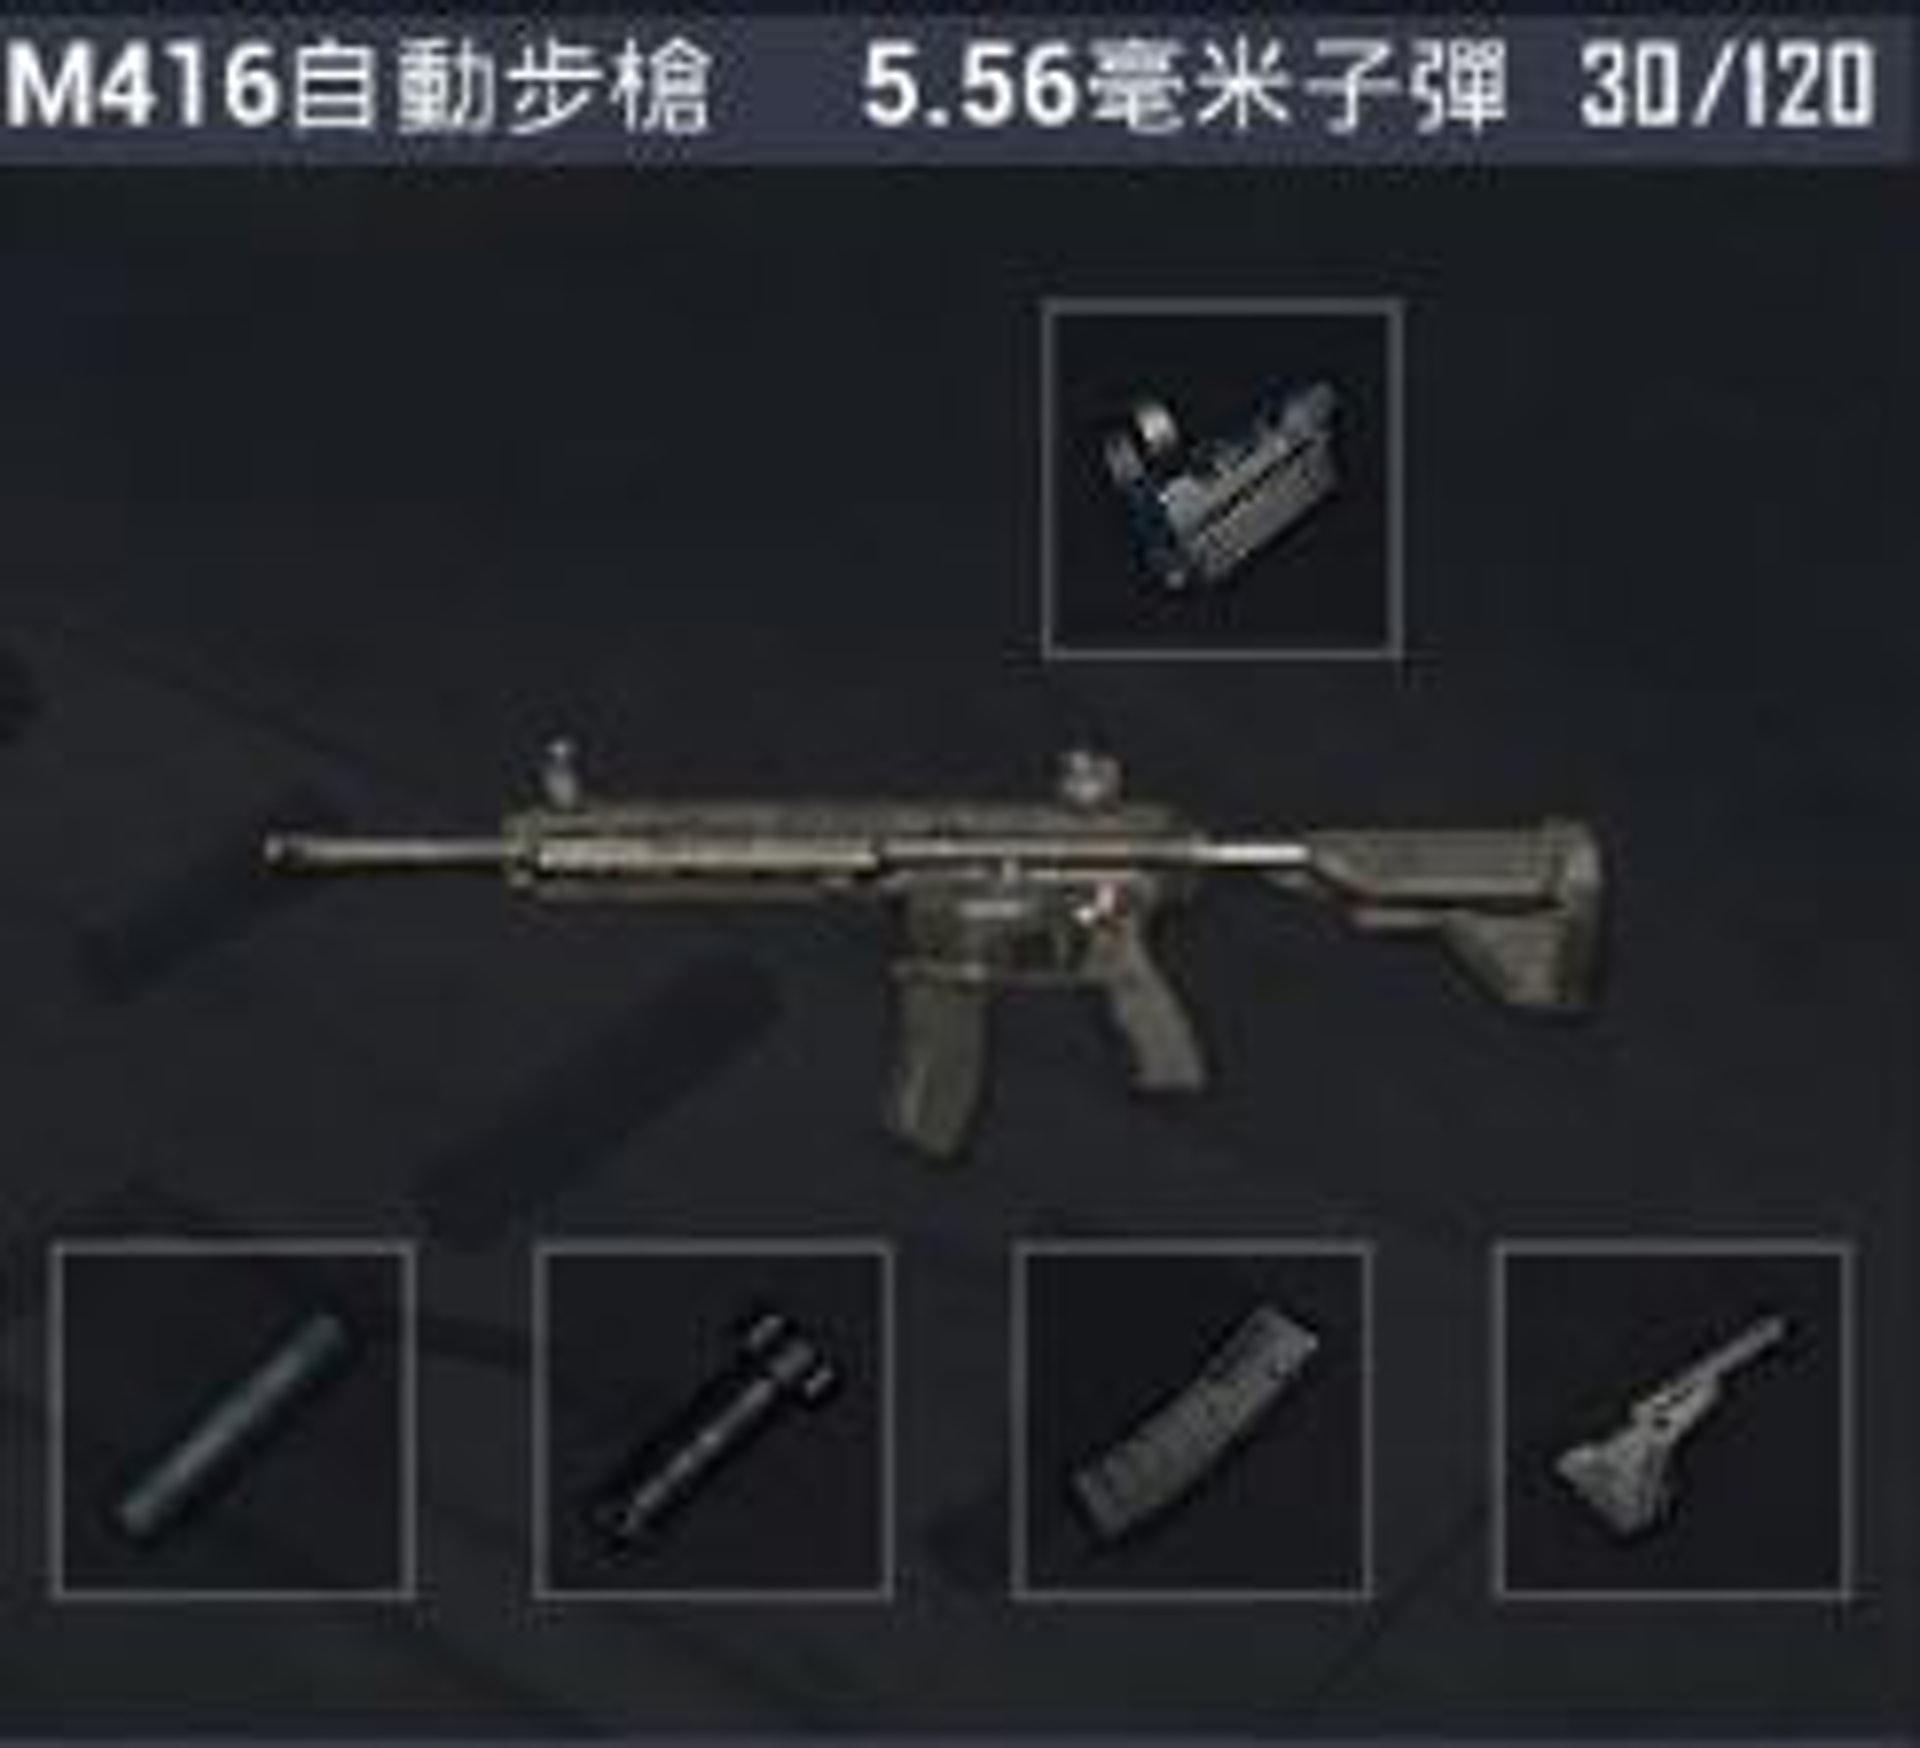 安裝滅音器﹑垂直握把﹑擴充彈匣﹑戰術伸縮尾托﹑紅點鏡的M416